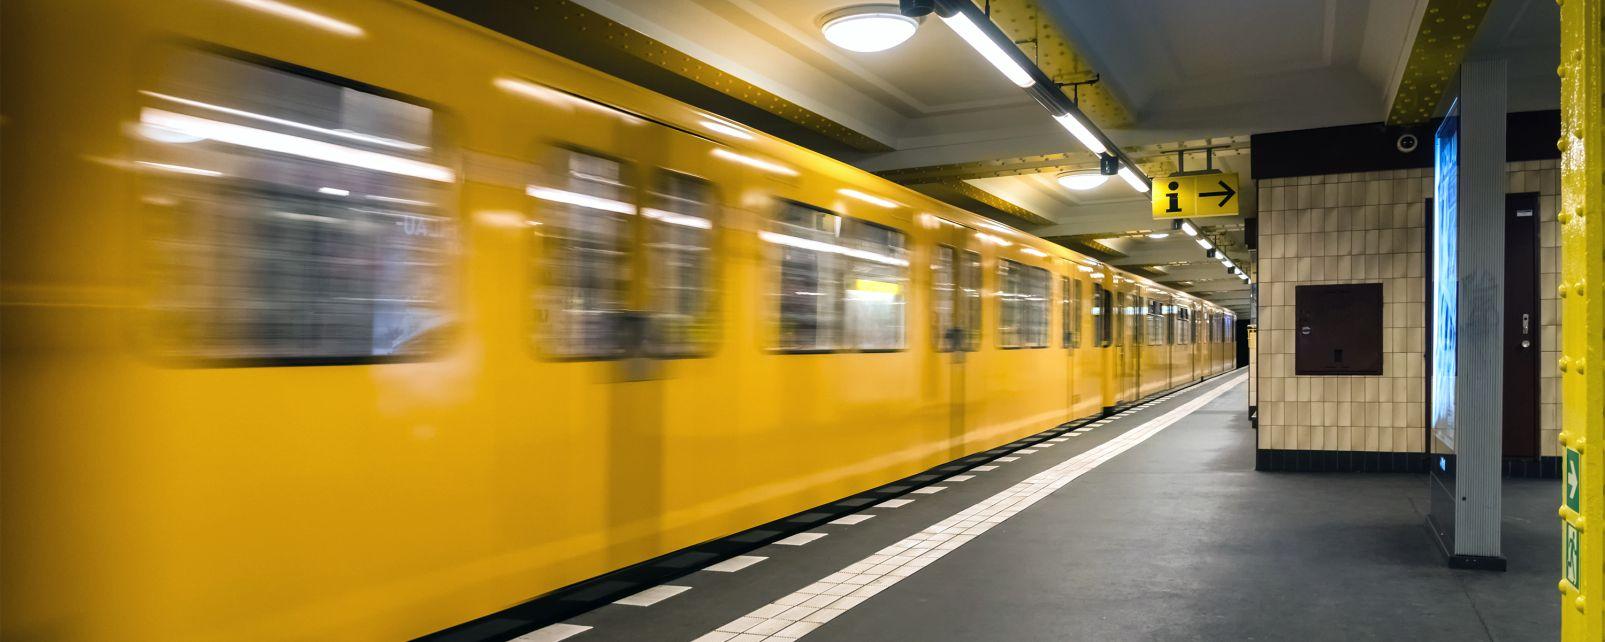 Los subterráneos de Berlín, Ir de marcha, Berlín, Alemania